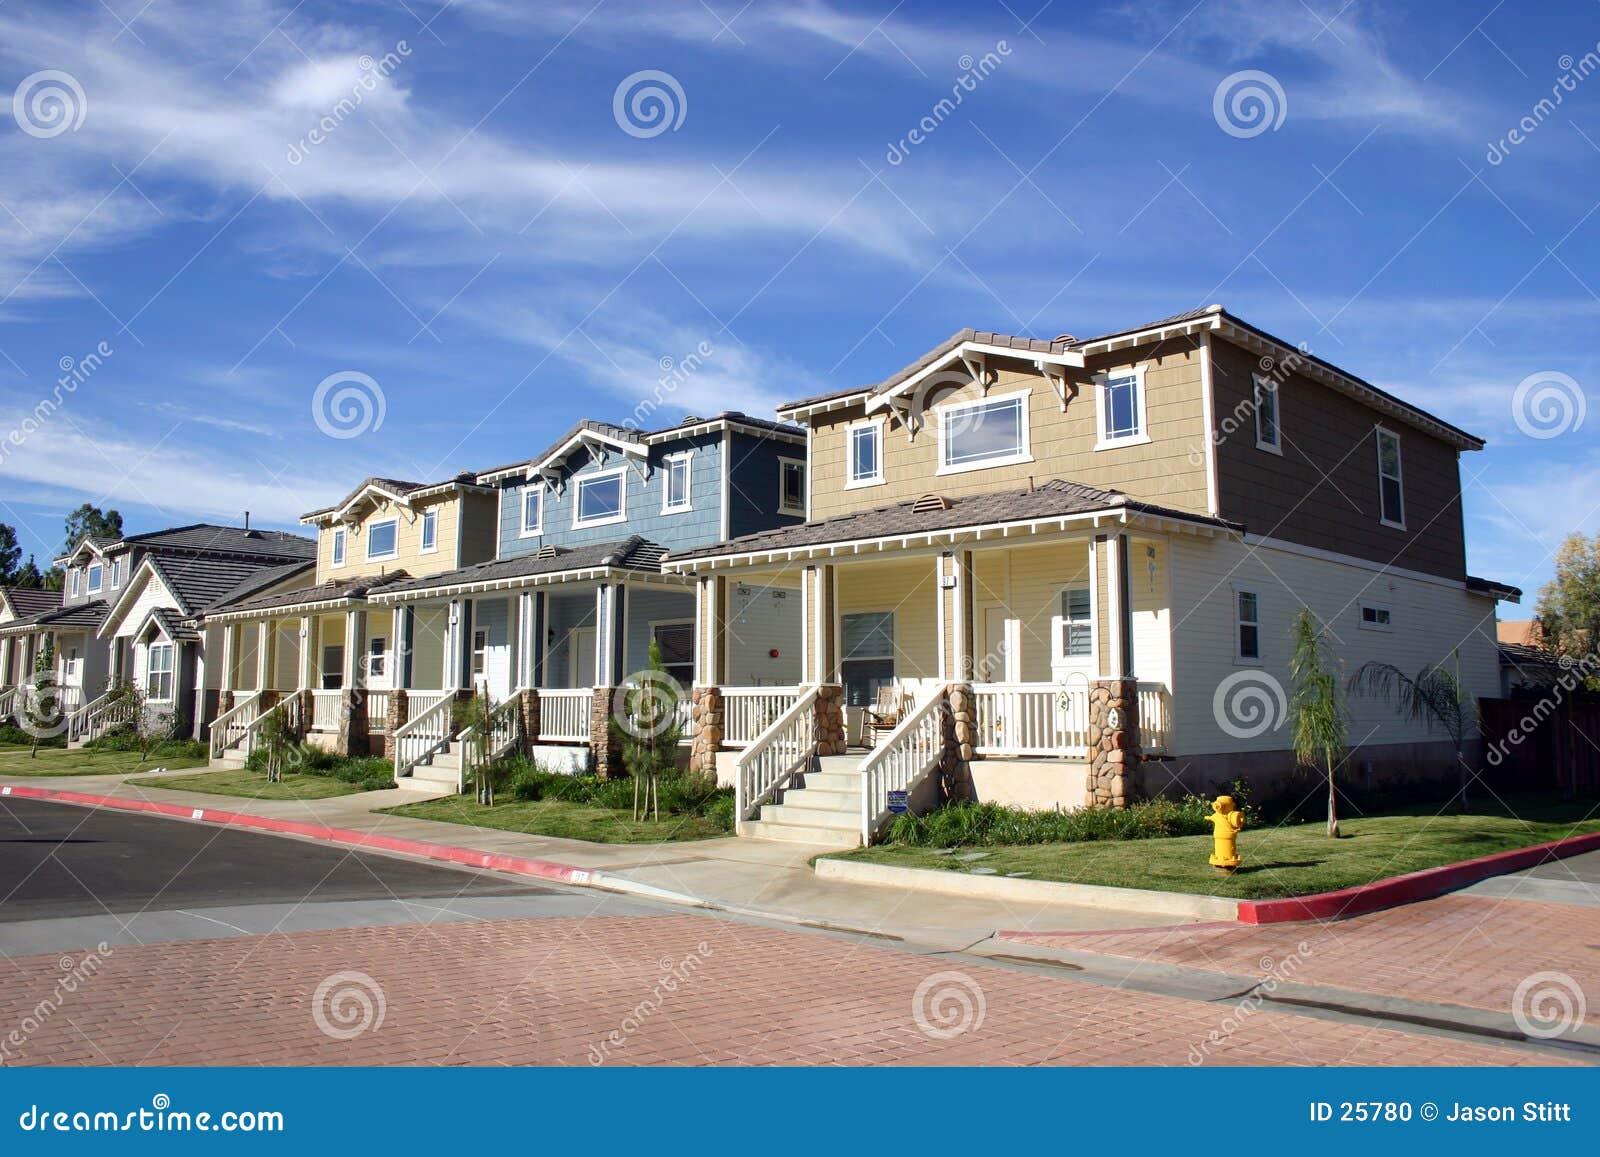 Download Casas de la vecindad foto de archivo. Imagen de urbano, calles - 25780